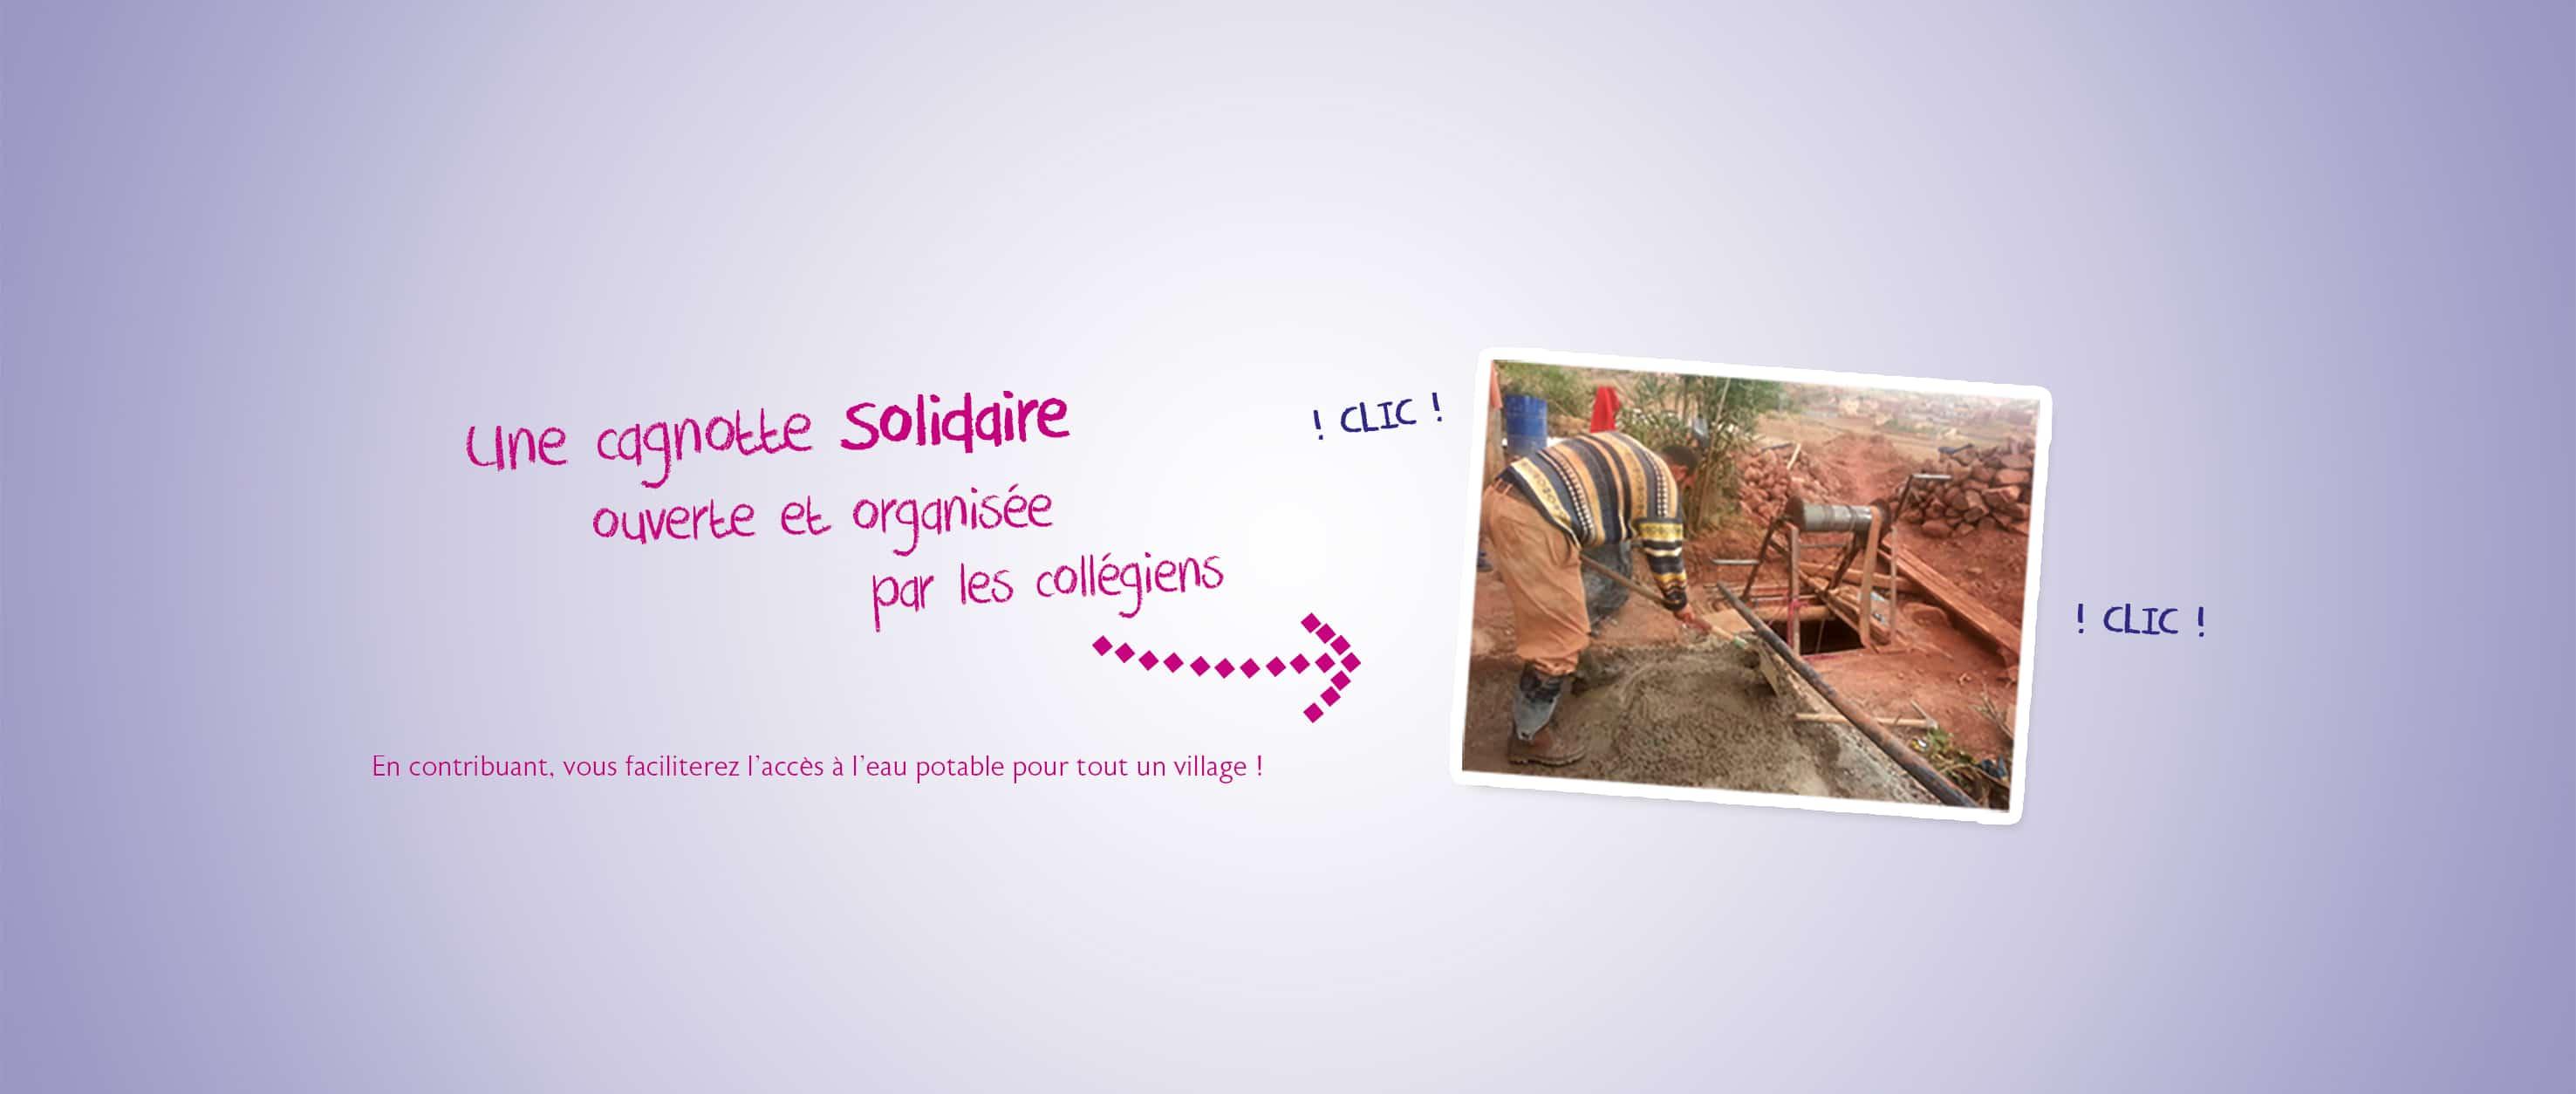 cagnotte solidaire puits au maroc eva de vitray